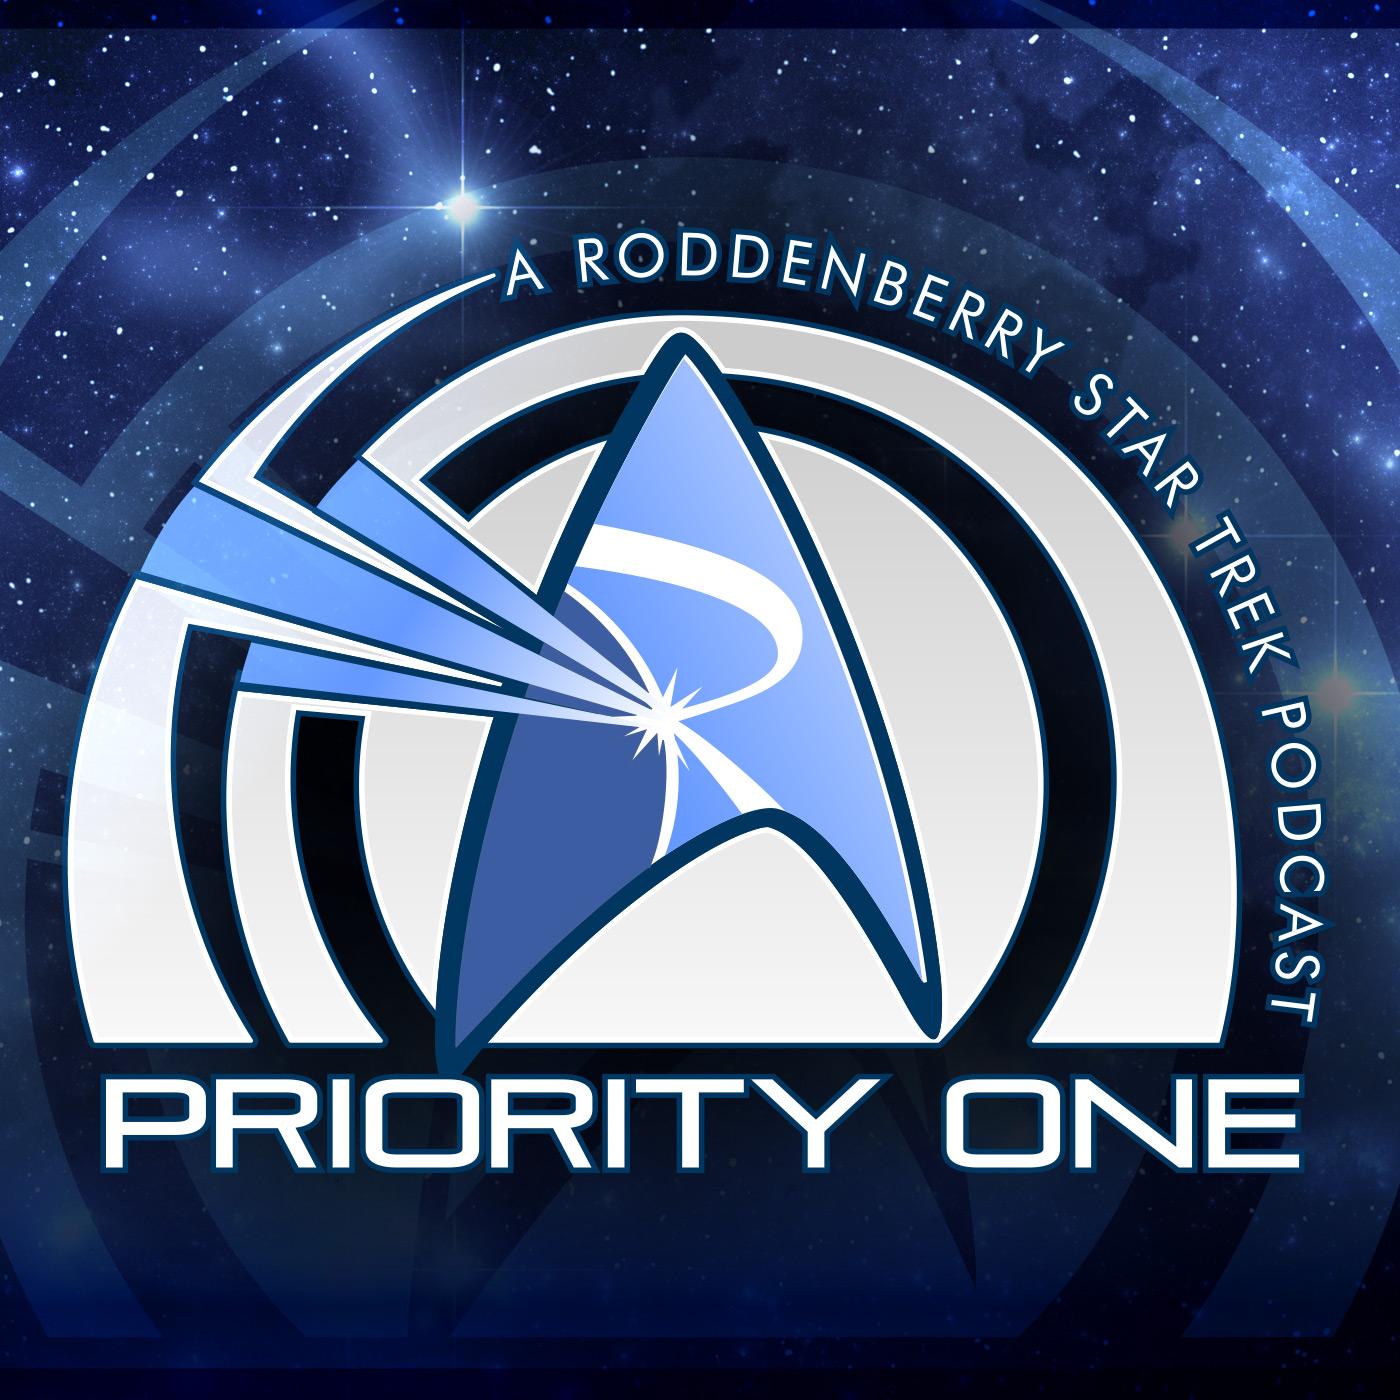 Artwork for 381 - Trexelated  Priority One: A Roddenberry Star Trek Podcast